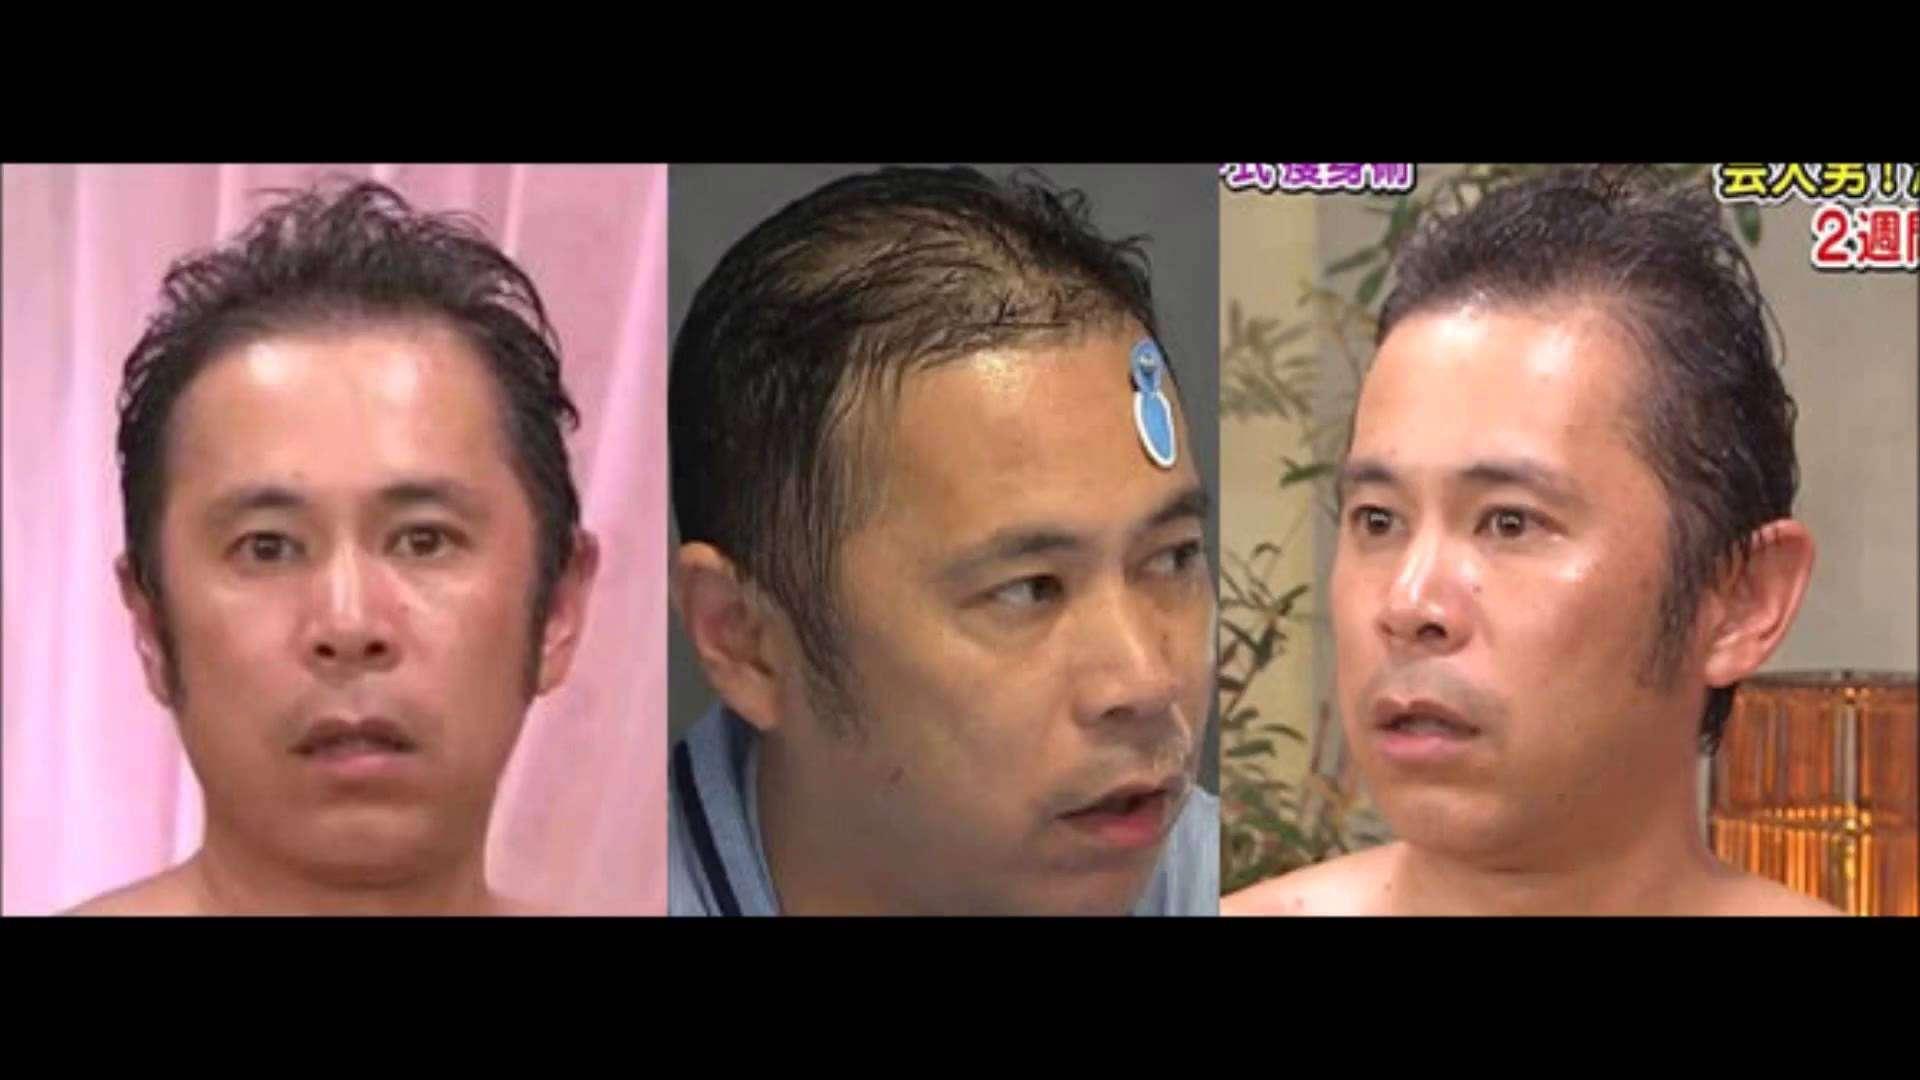 ストーカーされ、売名利用され…ナイナイ岡村隆史を女性不信にさせた女たち